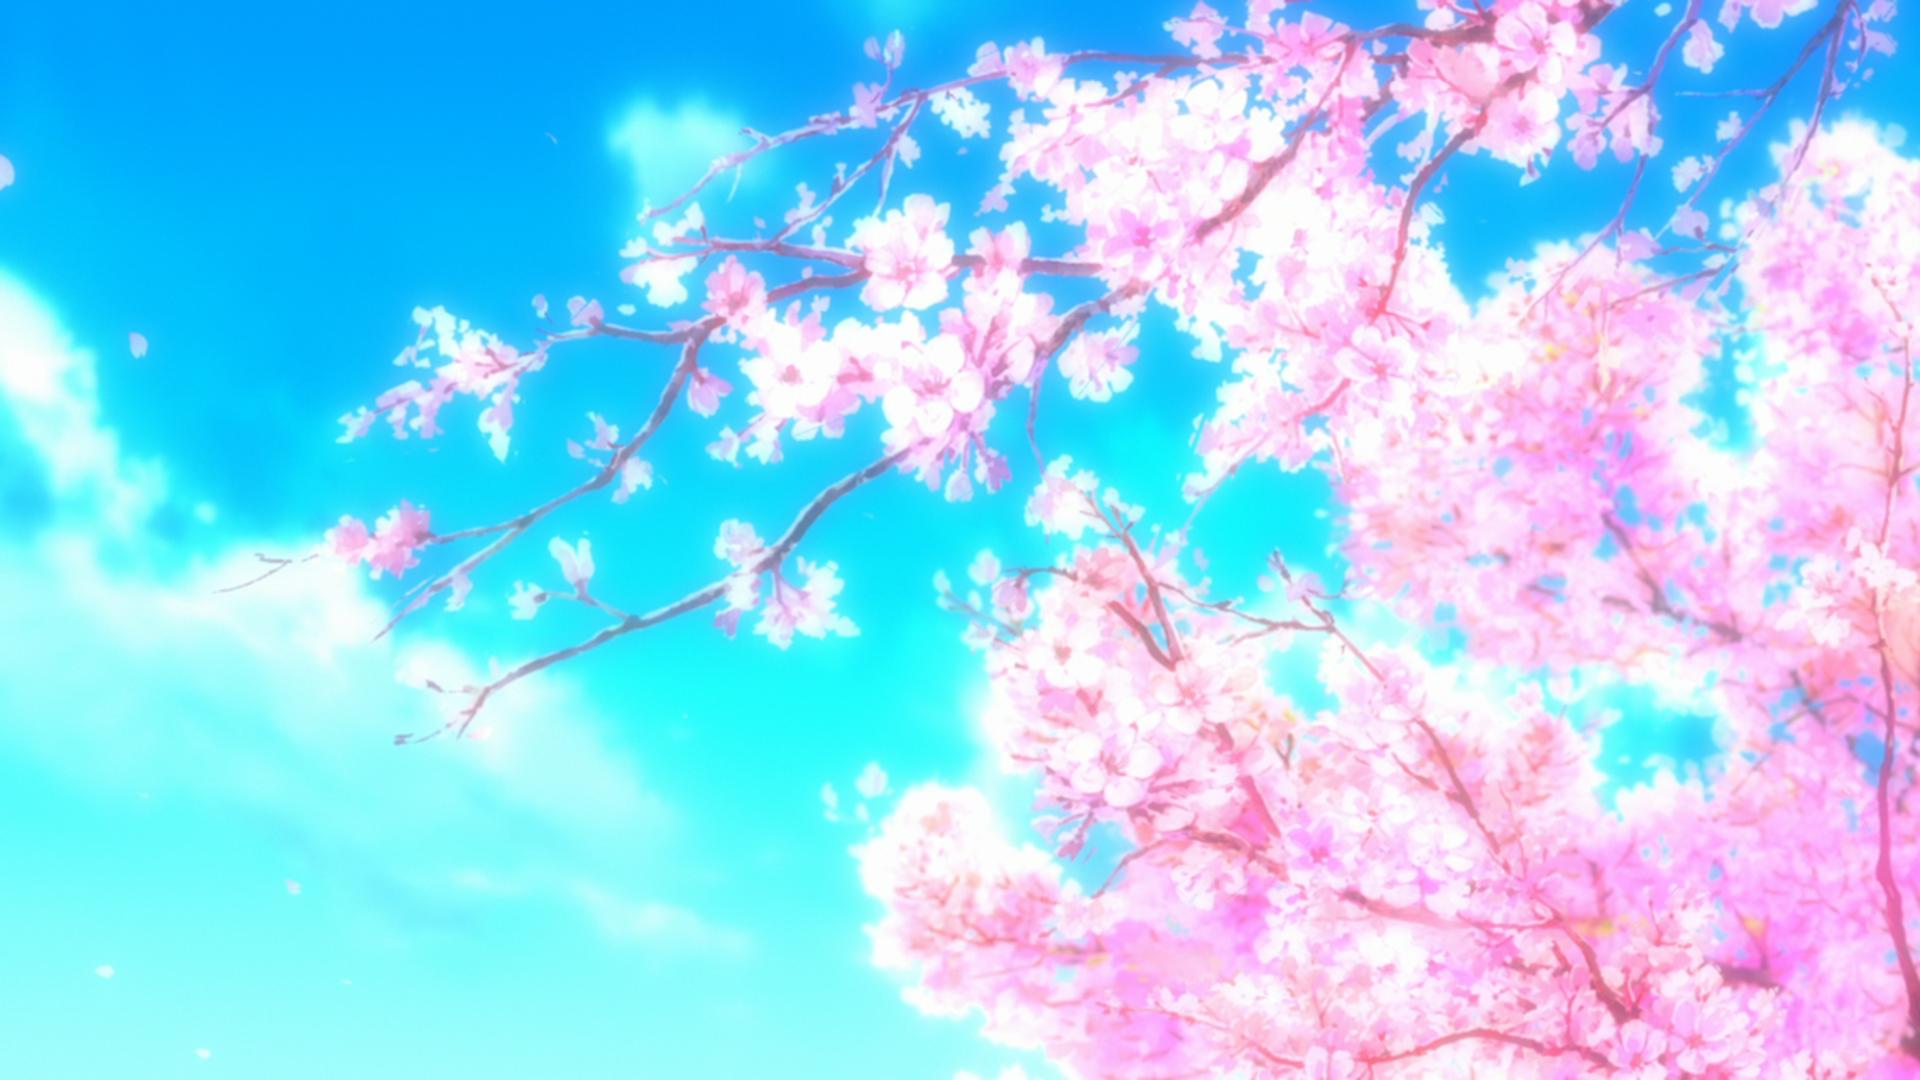 Обои для рабочего стола аниме весна